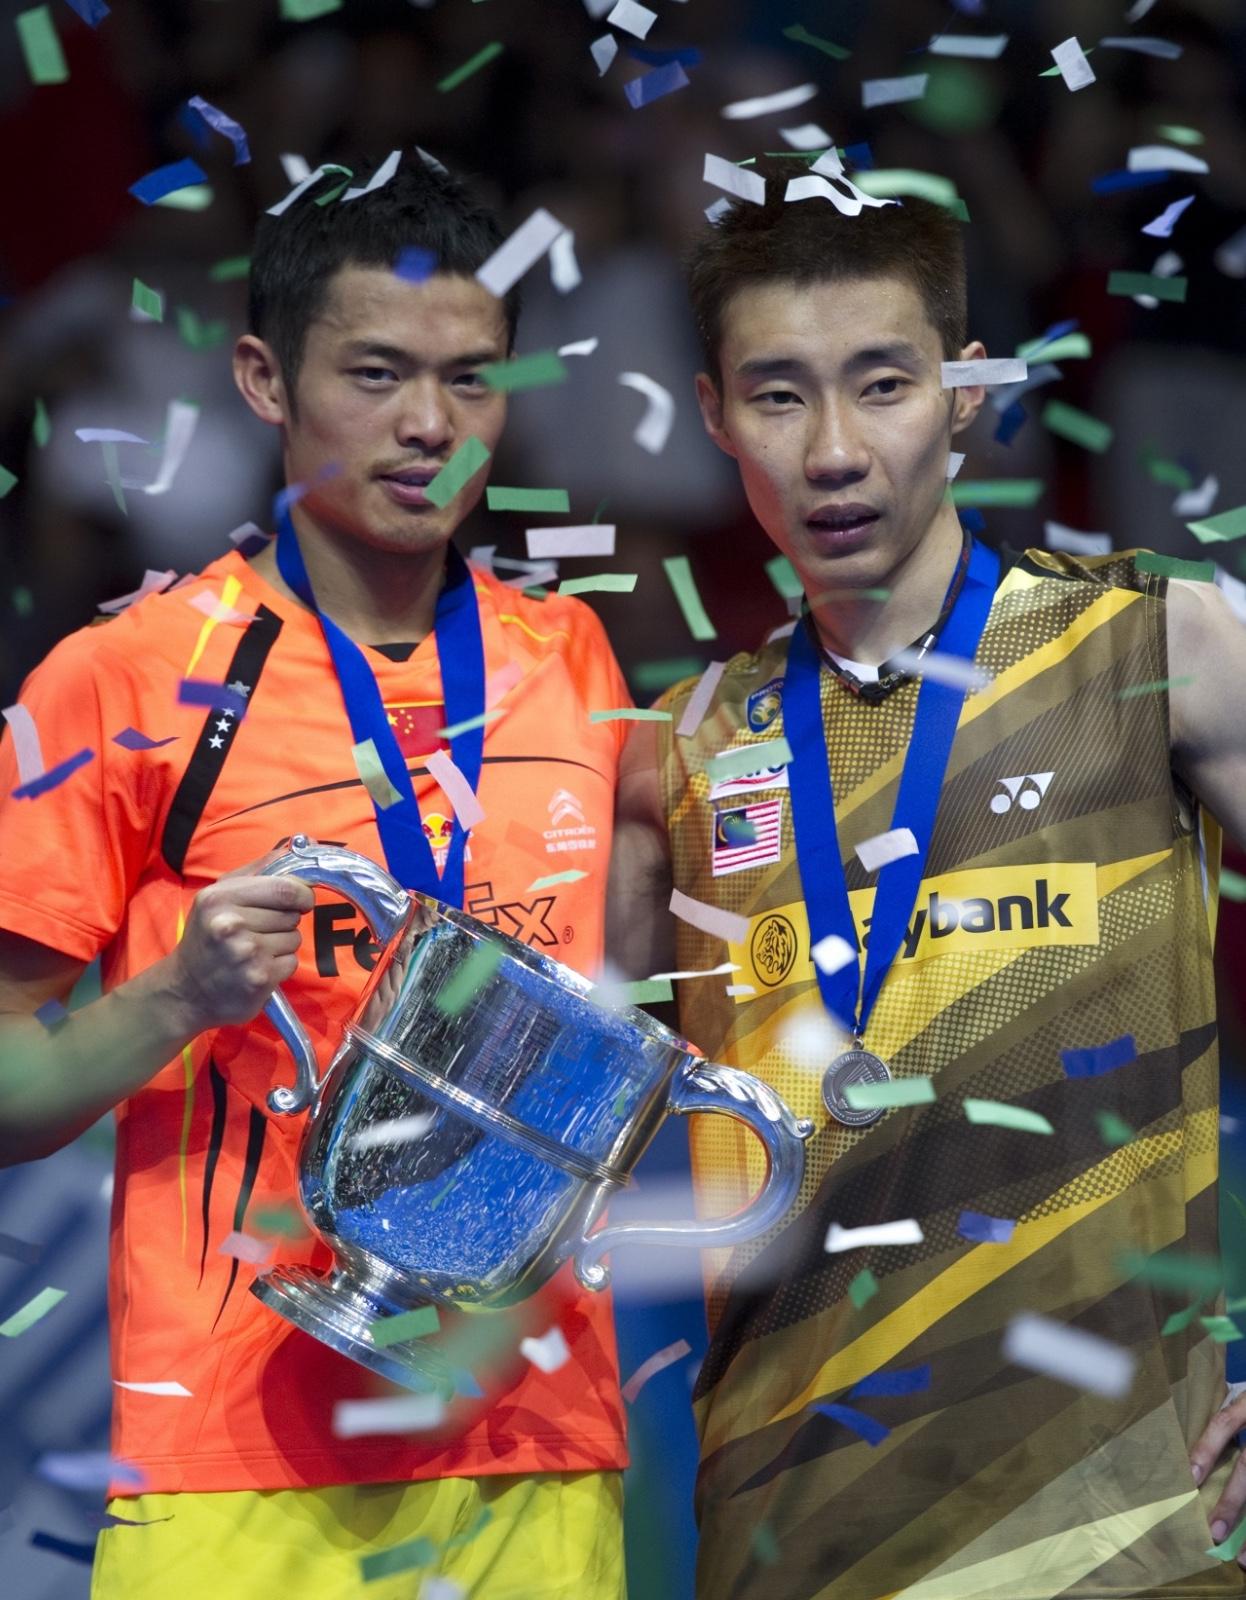 【英伦礼】带你在英国看林丹谌龙李宗伟,去现场挥舞起国旗给中国羽毛球队助威吧